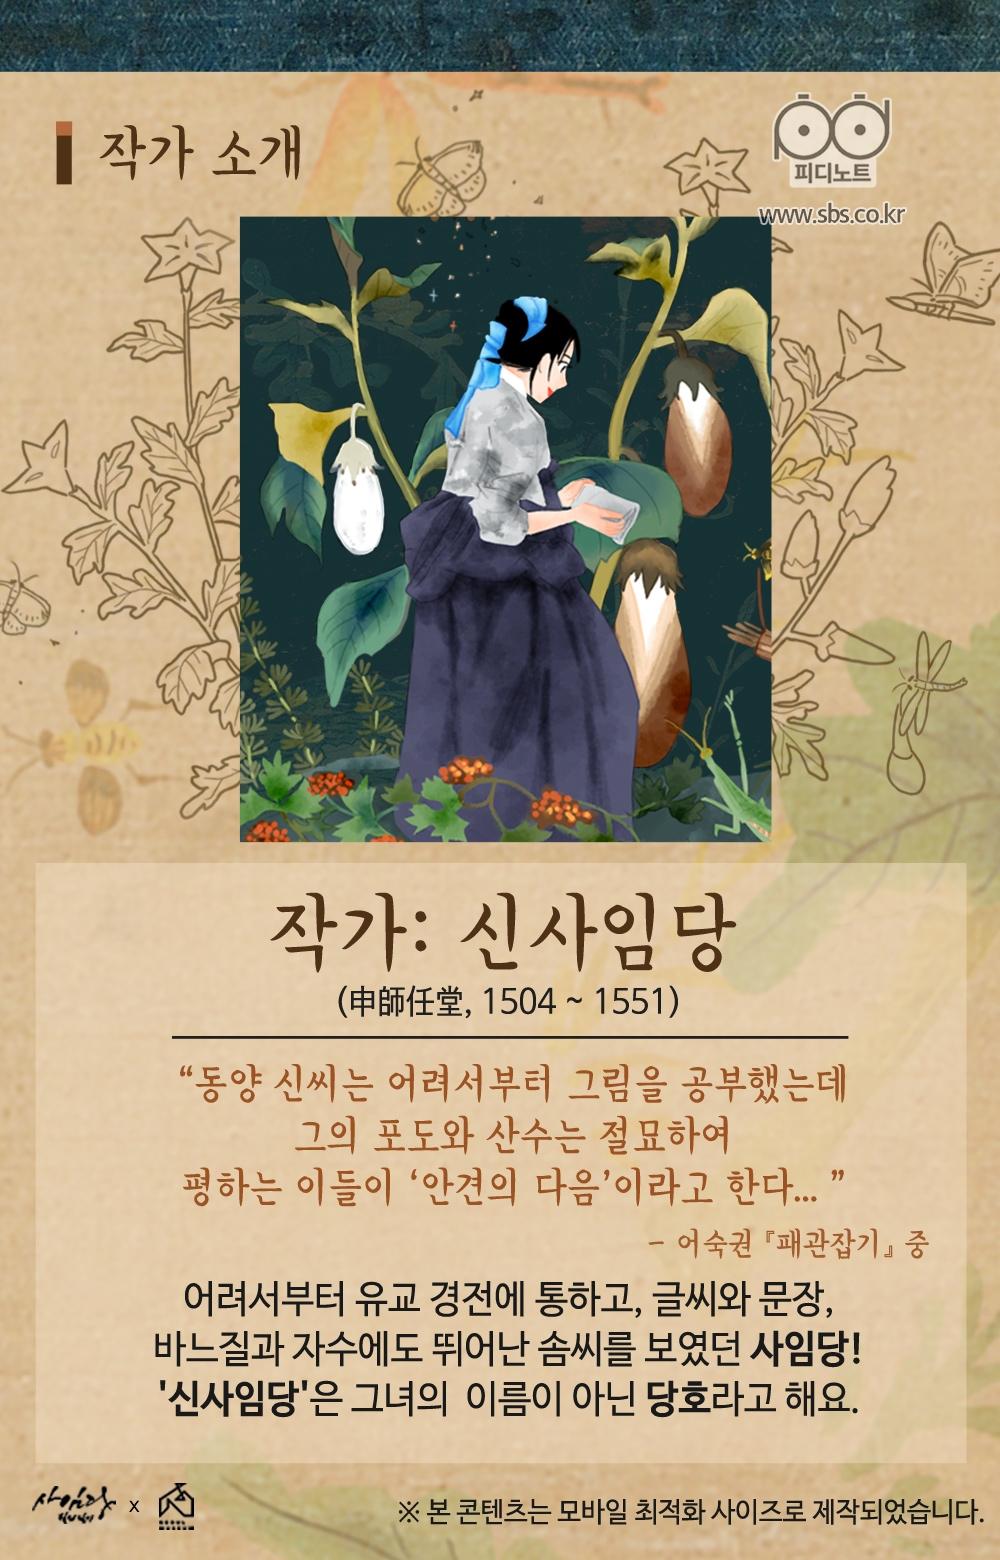 작가 신사임당 소개, 어려서부터 유교 경전에 통하고, 글씨와 문장, 바느질과 자수에도 뛰어난 솜씨를 보였던 사임당.